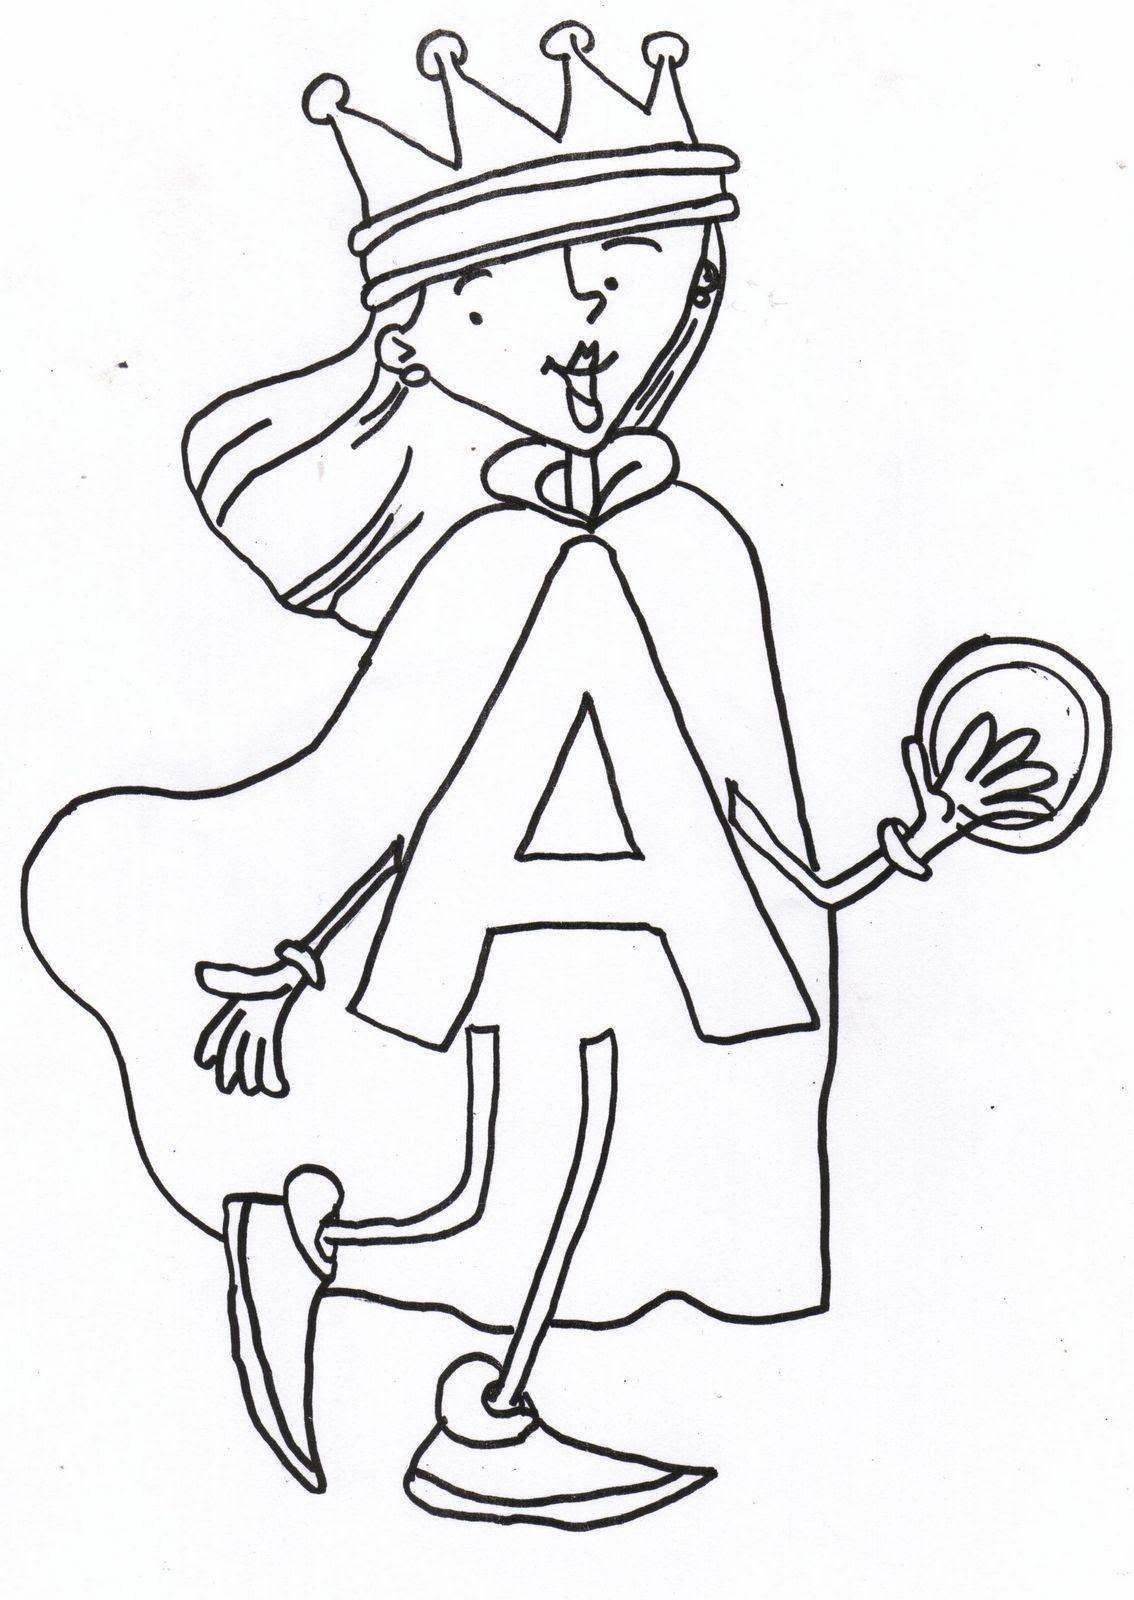 El método de Letrilandia propone a las letras como personajes que